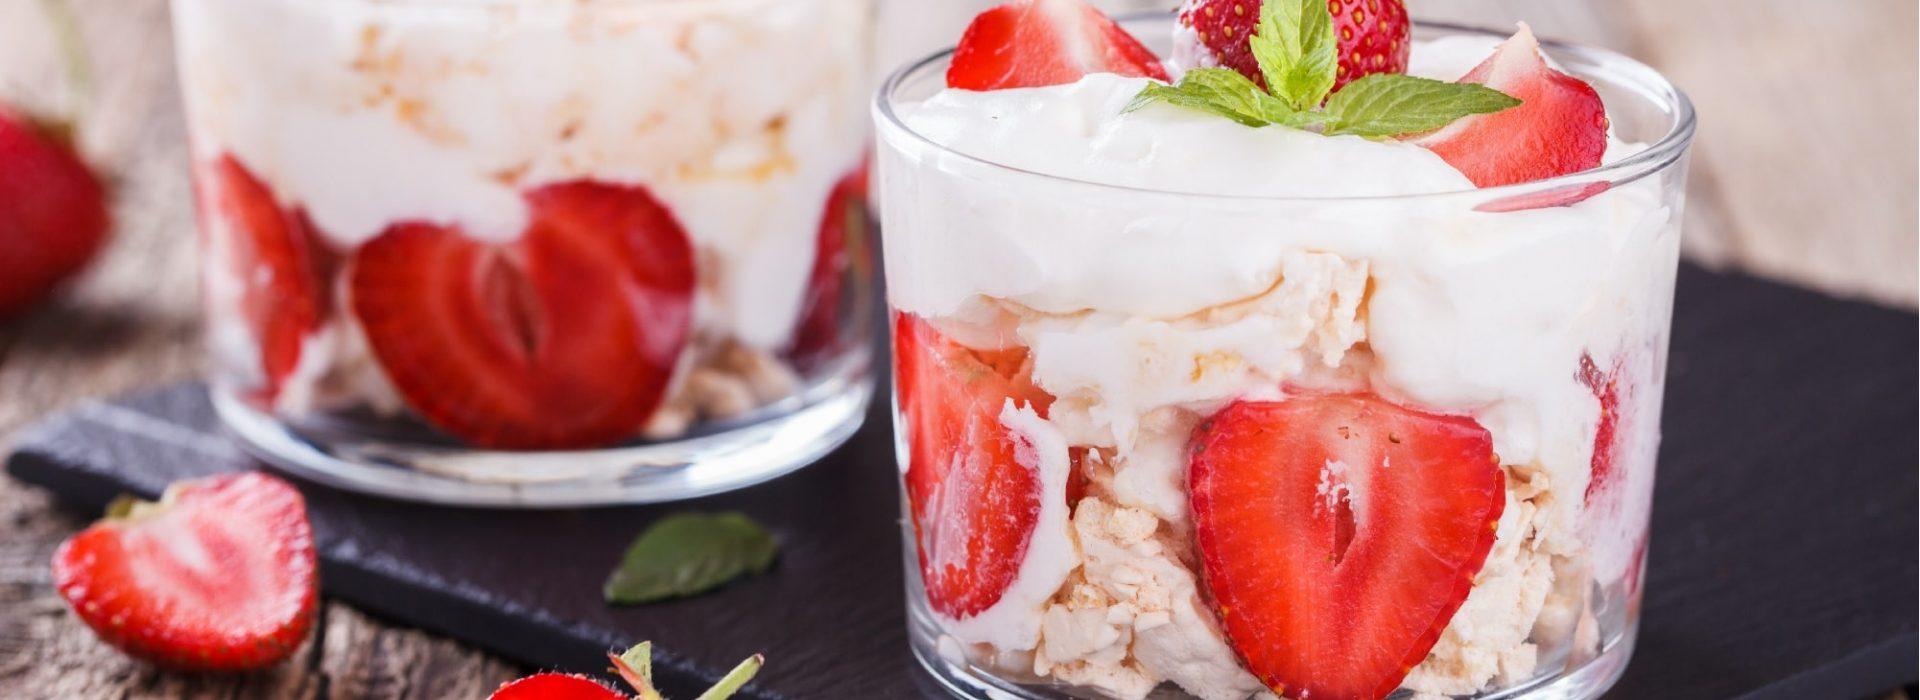 Strawberries and Cream Image